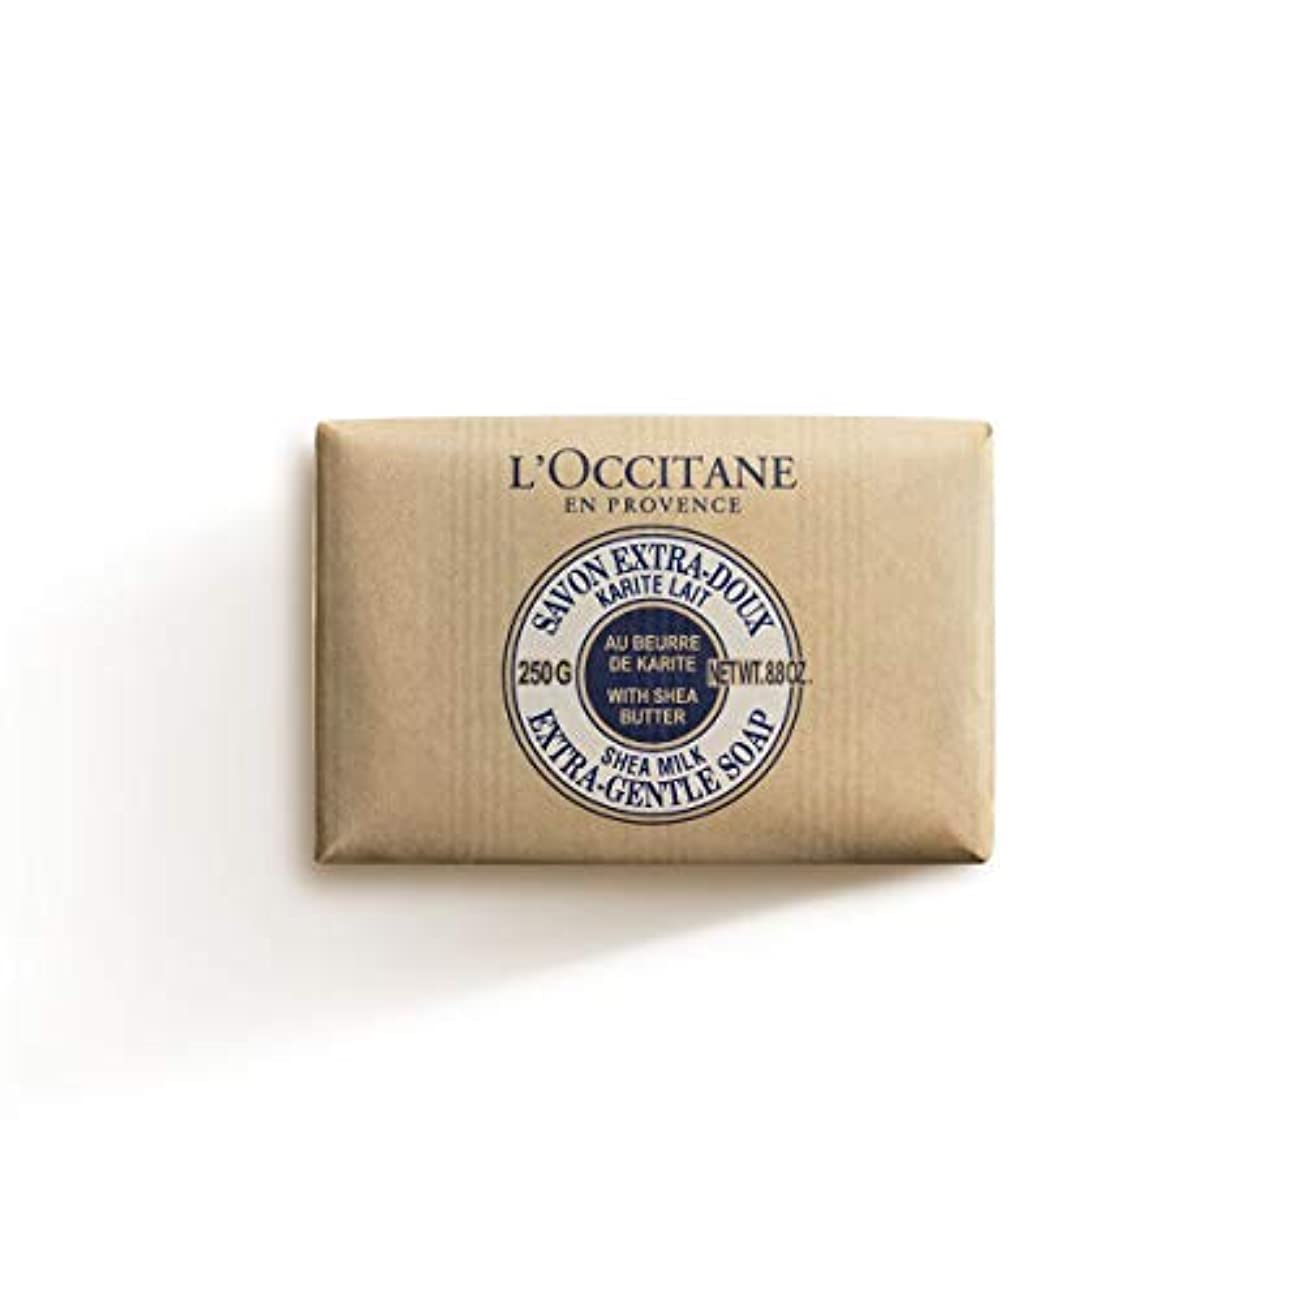 抱擁バウンド思想ロクシタン(L'OCCITANE) シアバターソープ 250g ミルク